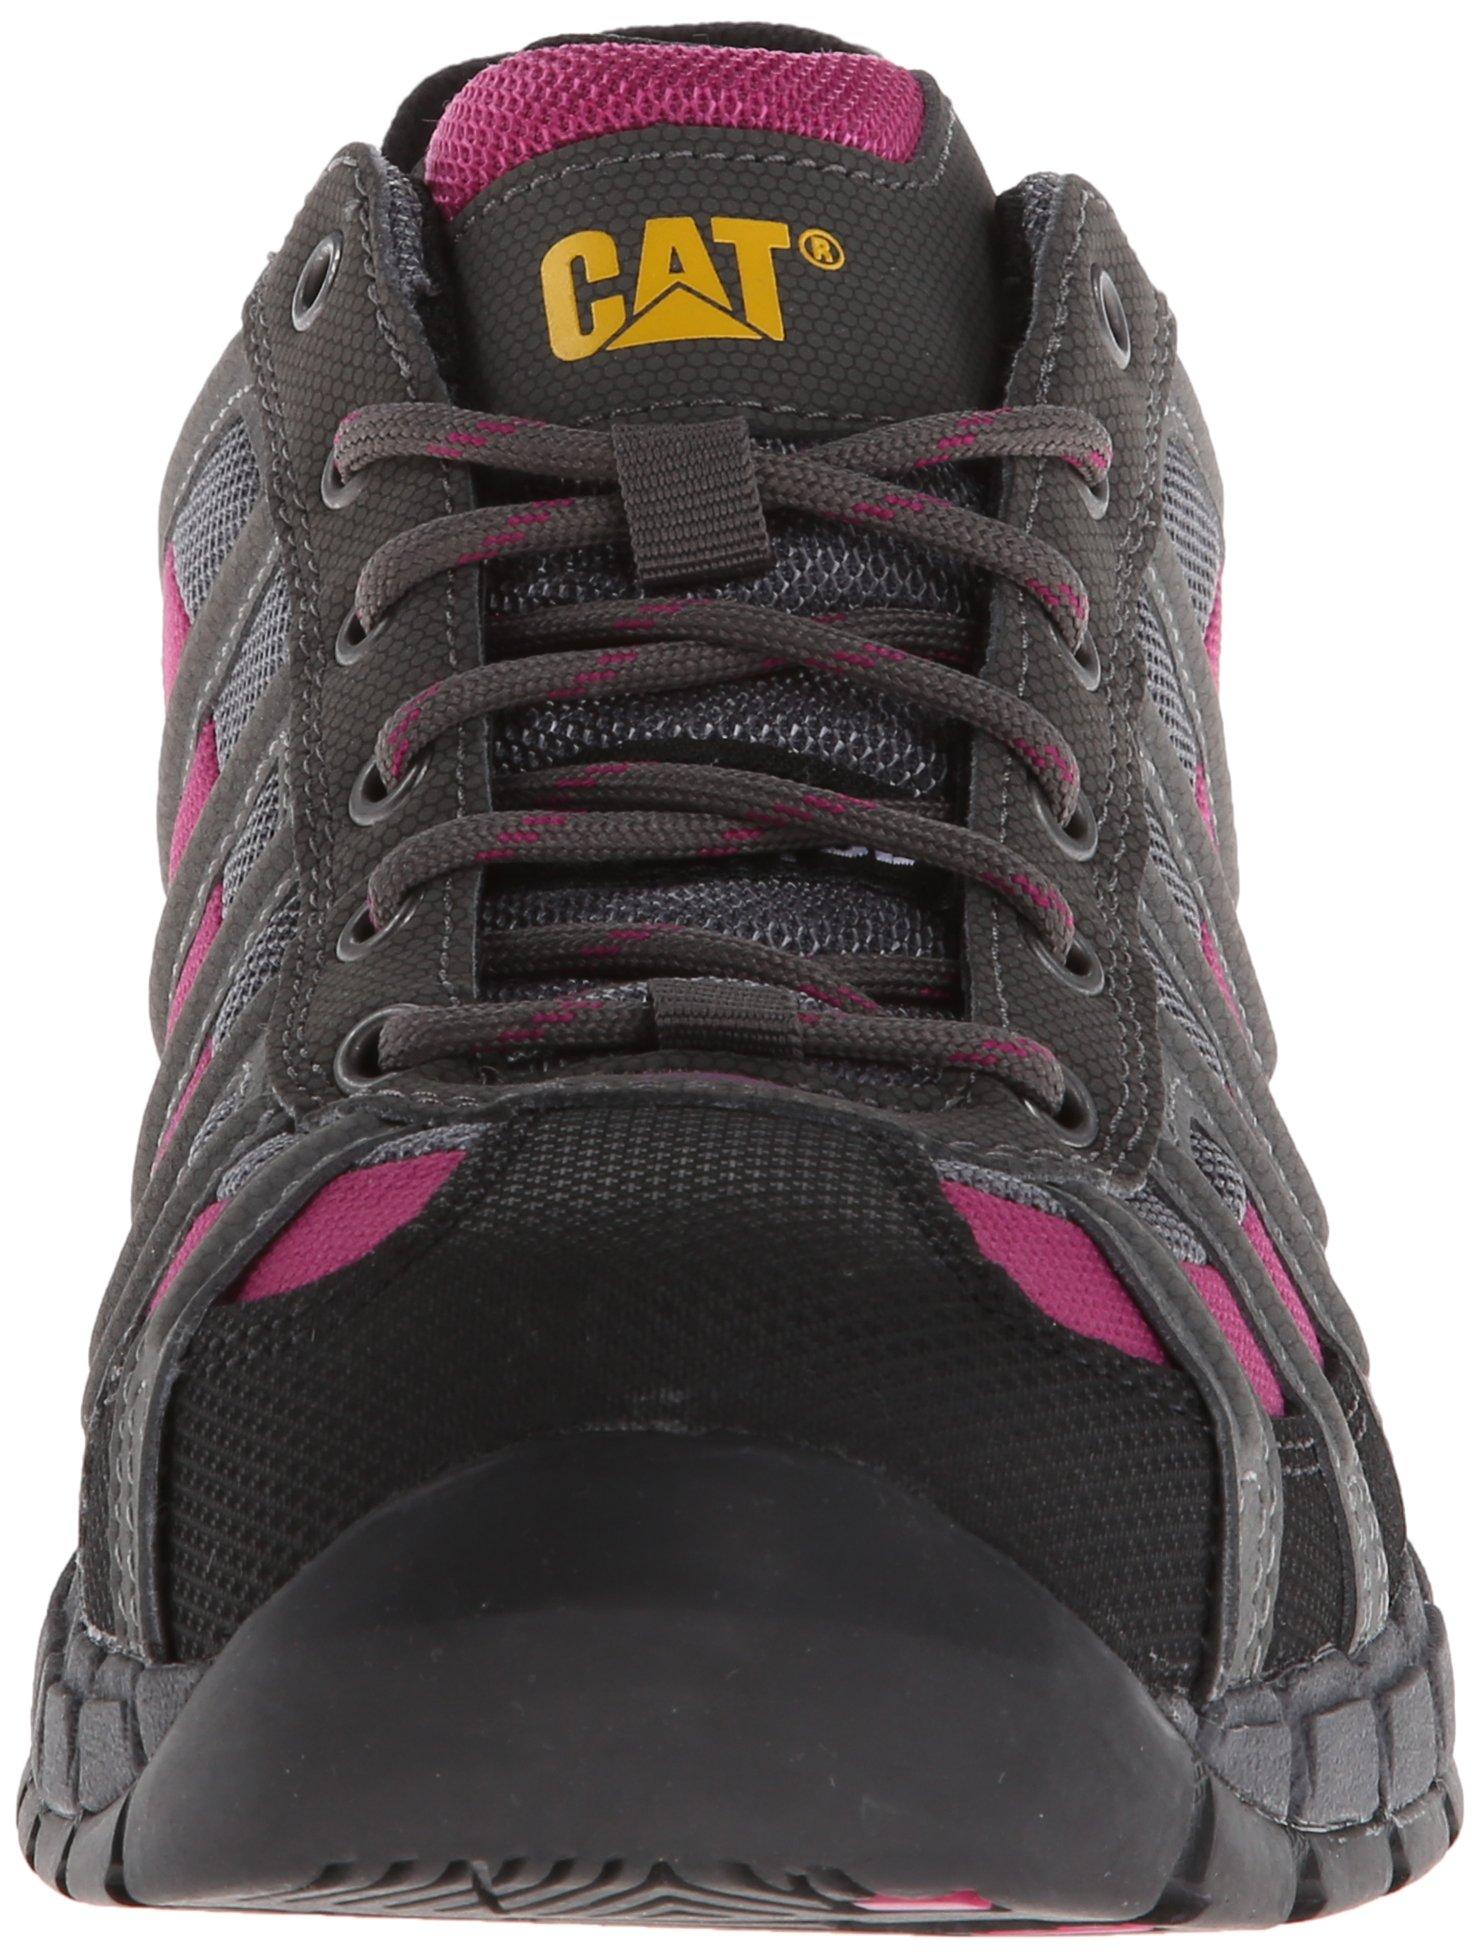 Caterpillar Women's Switch Steel-Toe Work Shoe